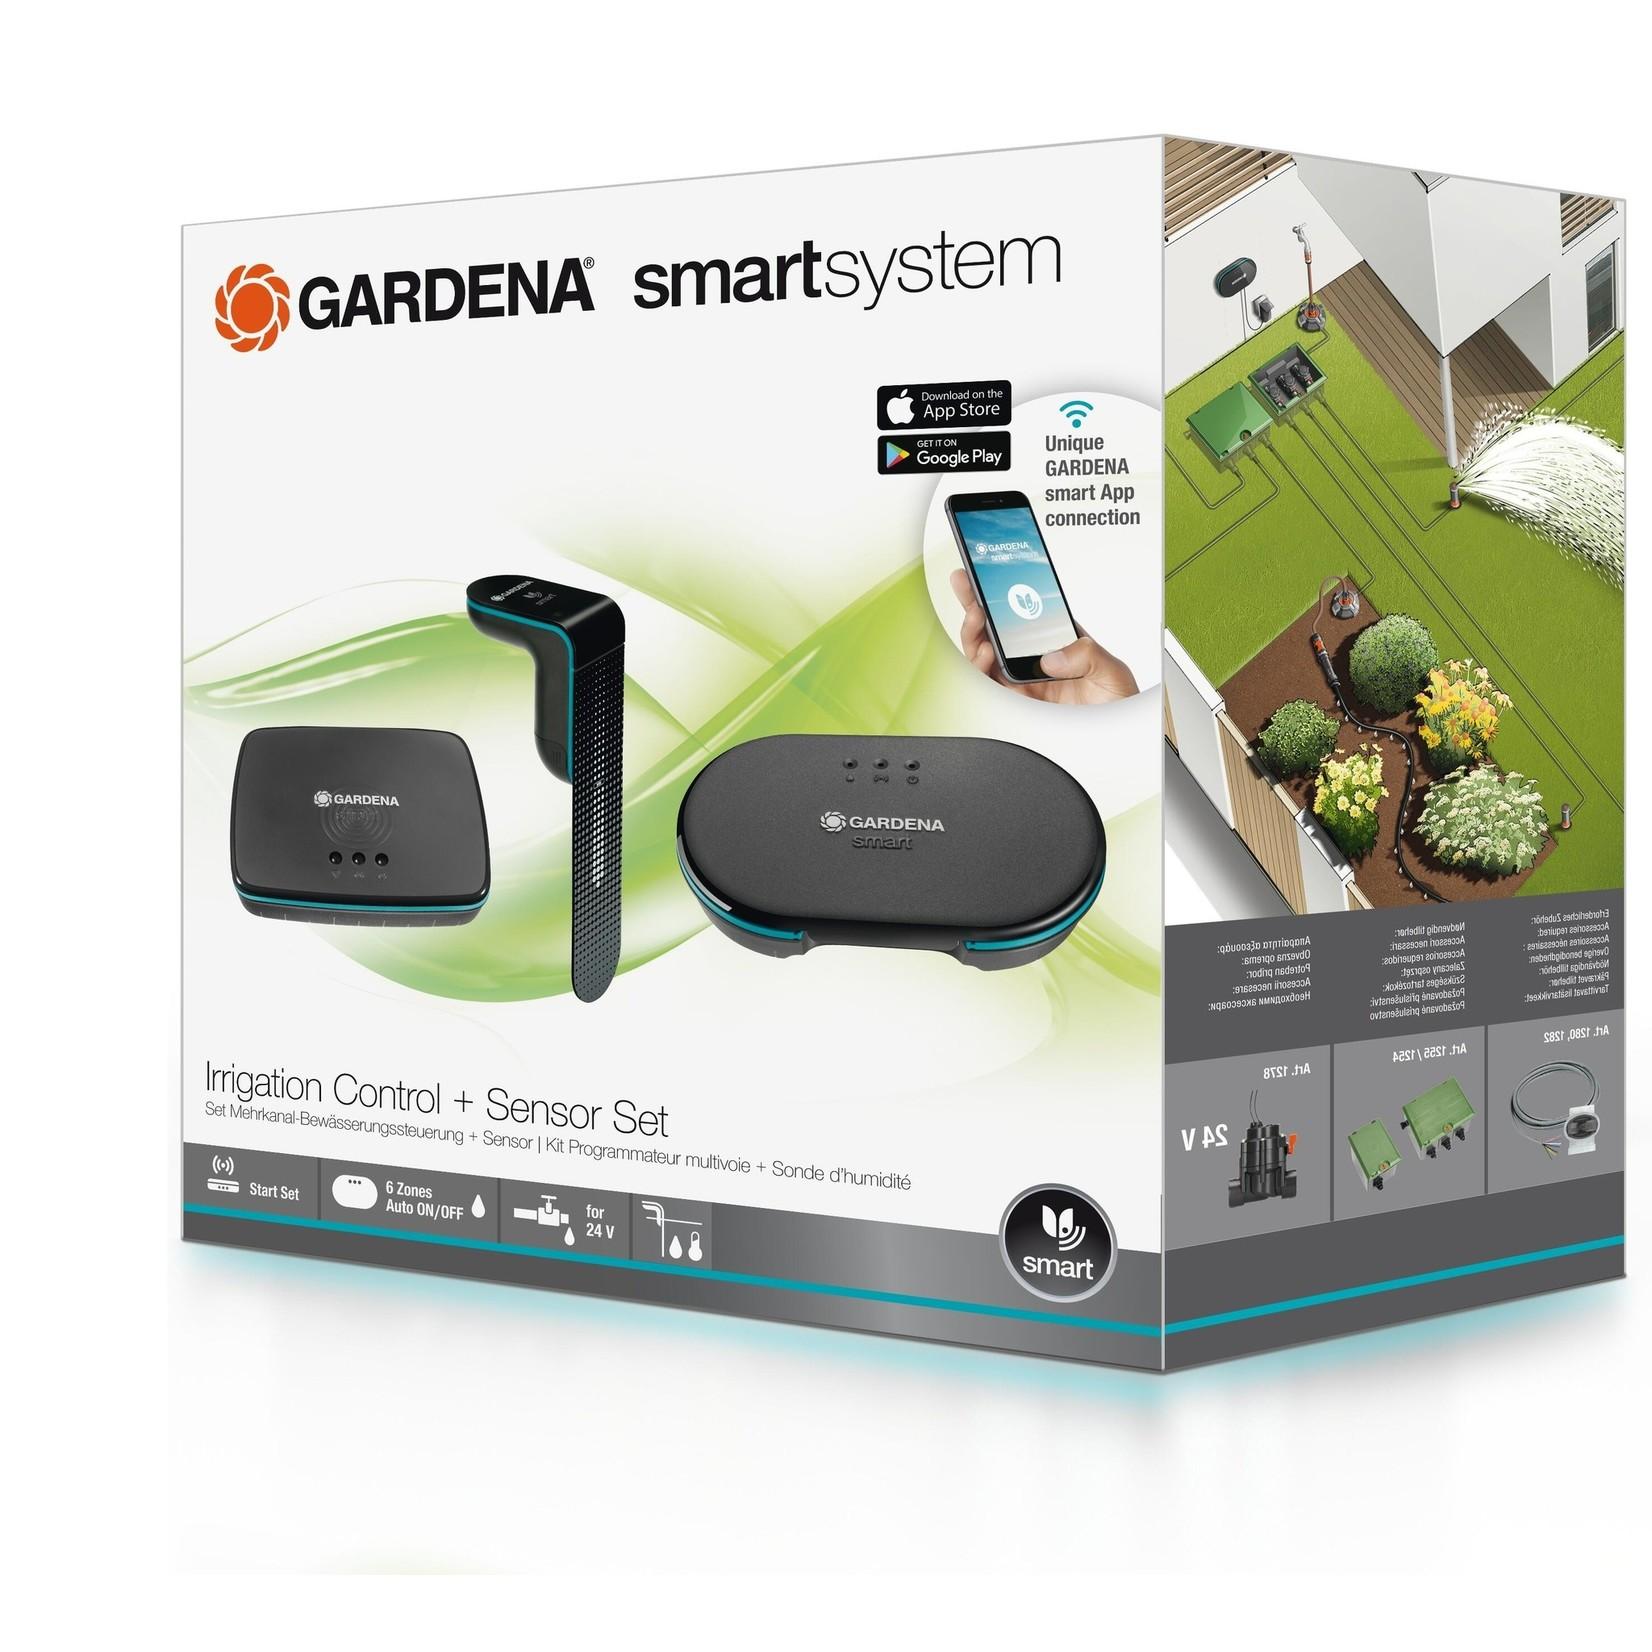 Gardena Gardena Smart Irrigation Control Sensor Set